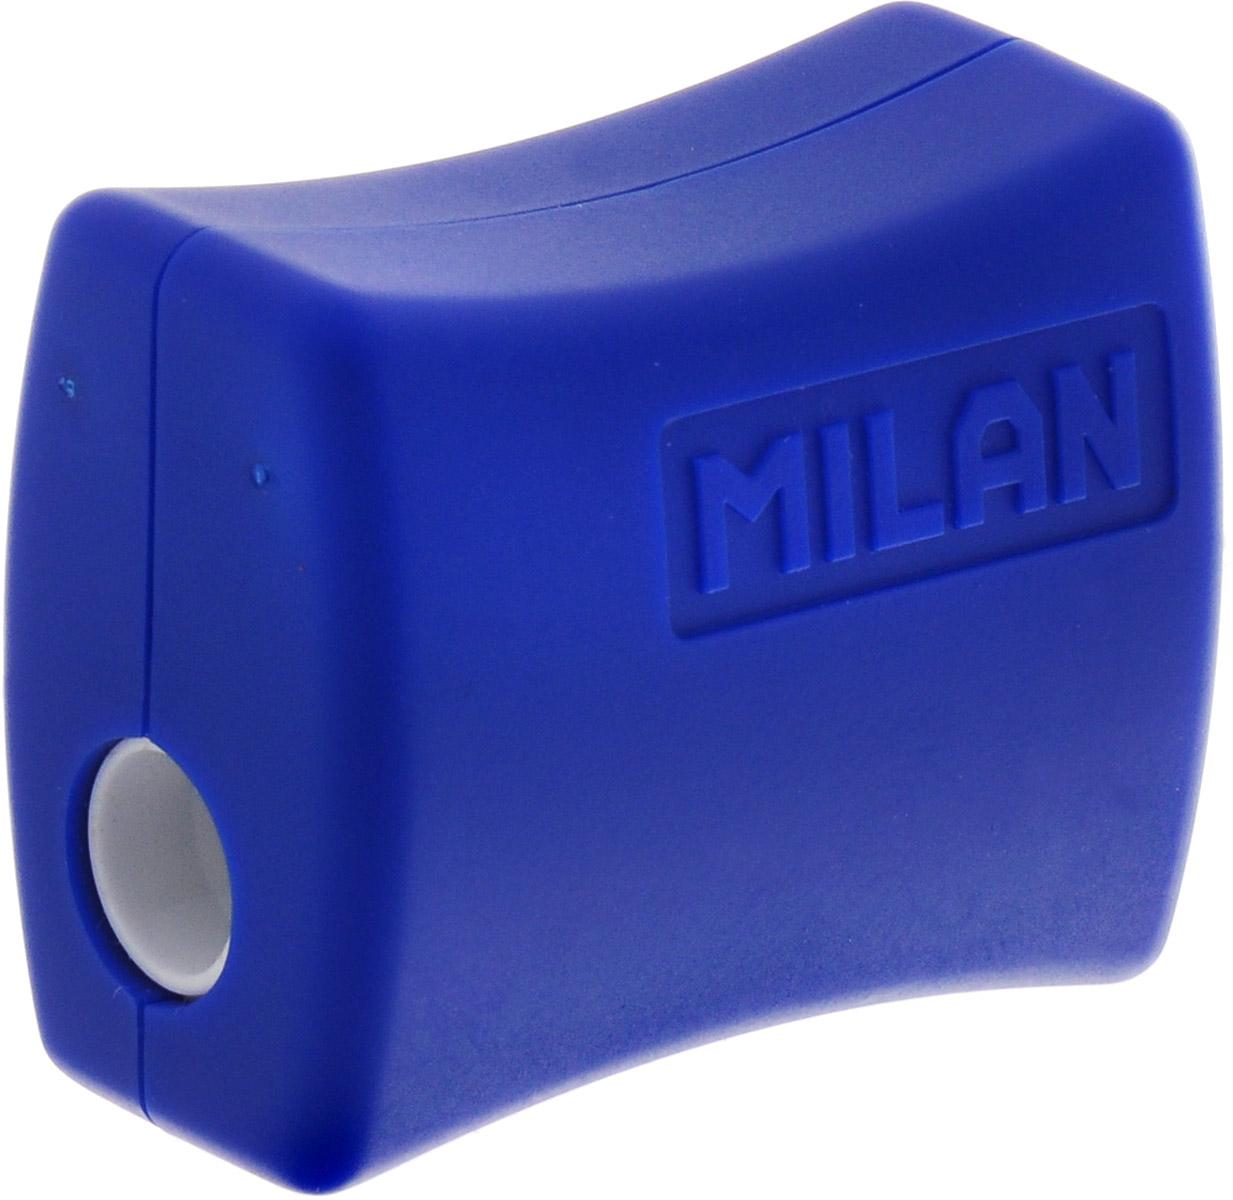 Milan Точилка Double с контейнеромС06Удобная точилка Milan Double с контейнером оснащена безопасной системой заточки.Эта система предотвращает отделение лезвия от точилки. Идеально подходит для использования в школах. Стальное лезвие острое и устойчиво к повреждению. Идеально подходит для заточки графитовых и цветных карандашей